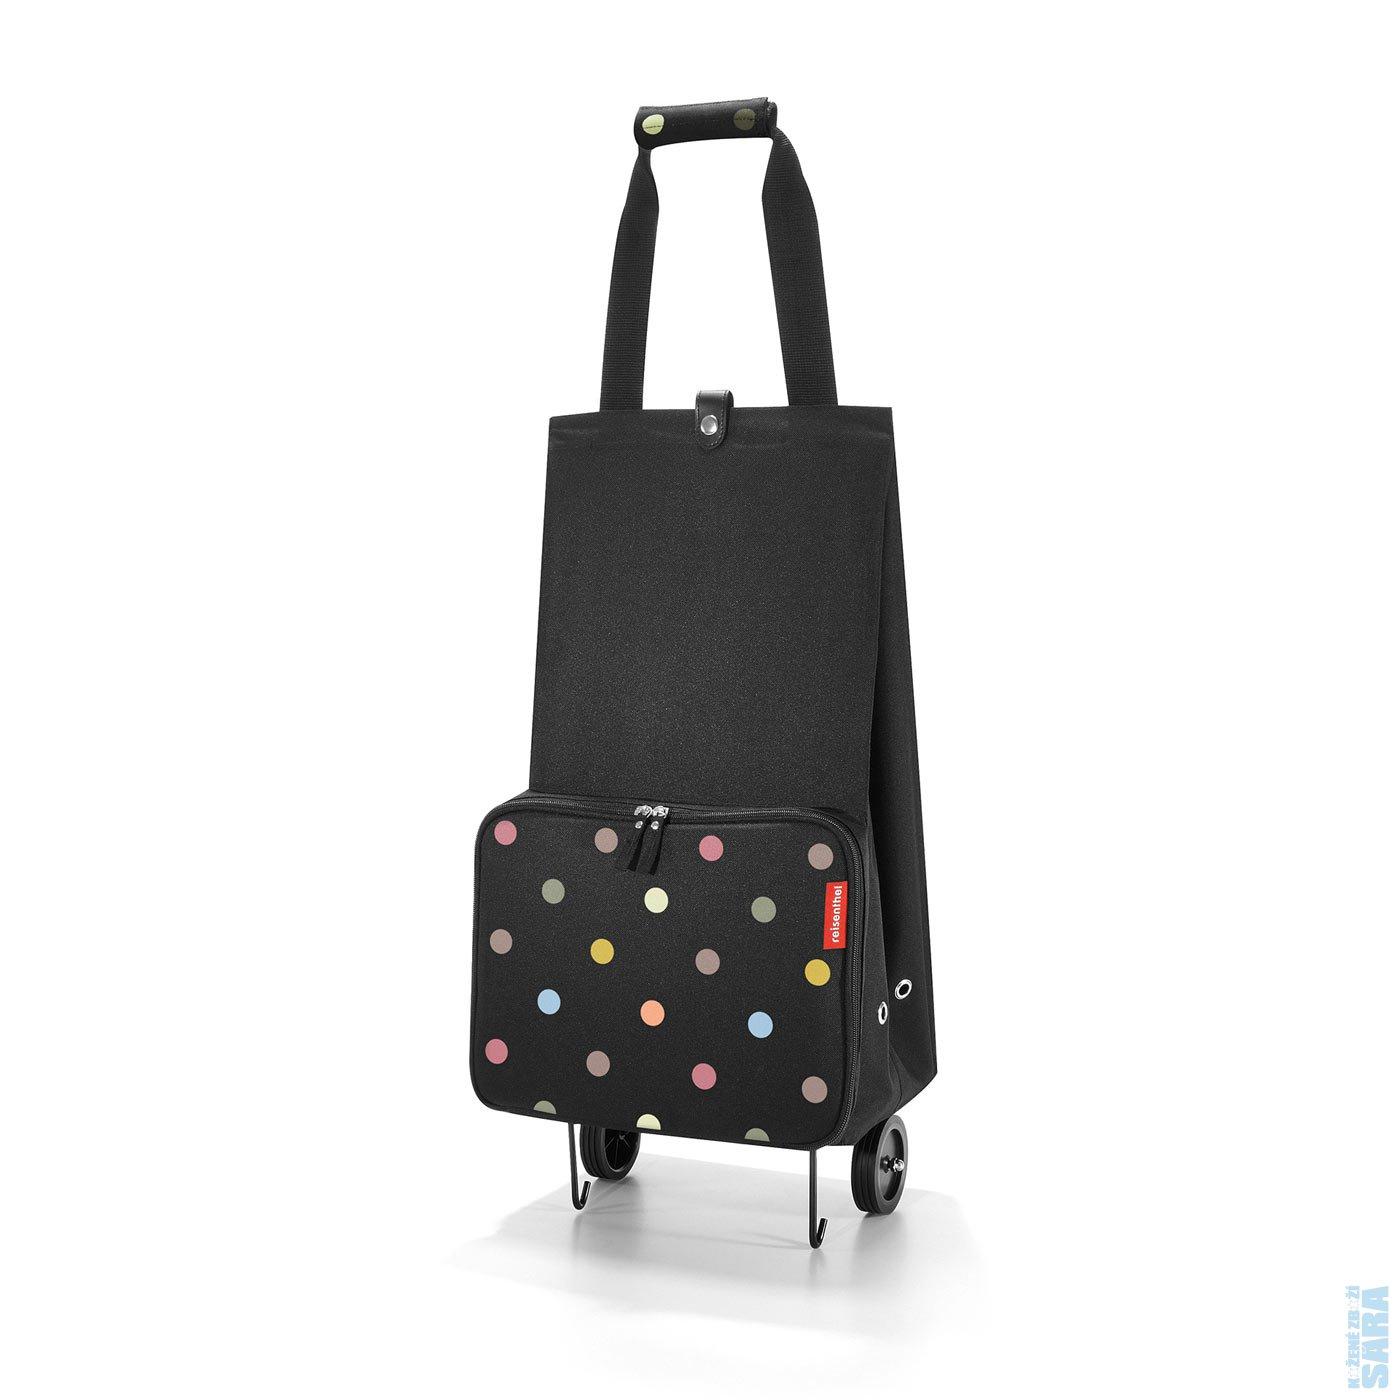 16cee7cdd4 Skládací nákupní taška na kolečkách foldabletrolley dots HK7009 ...